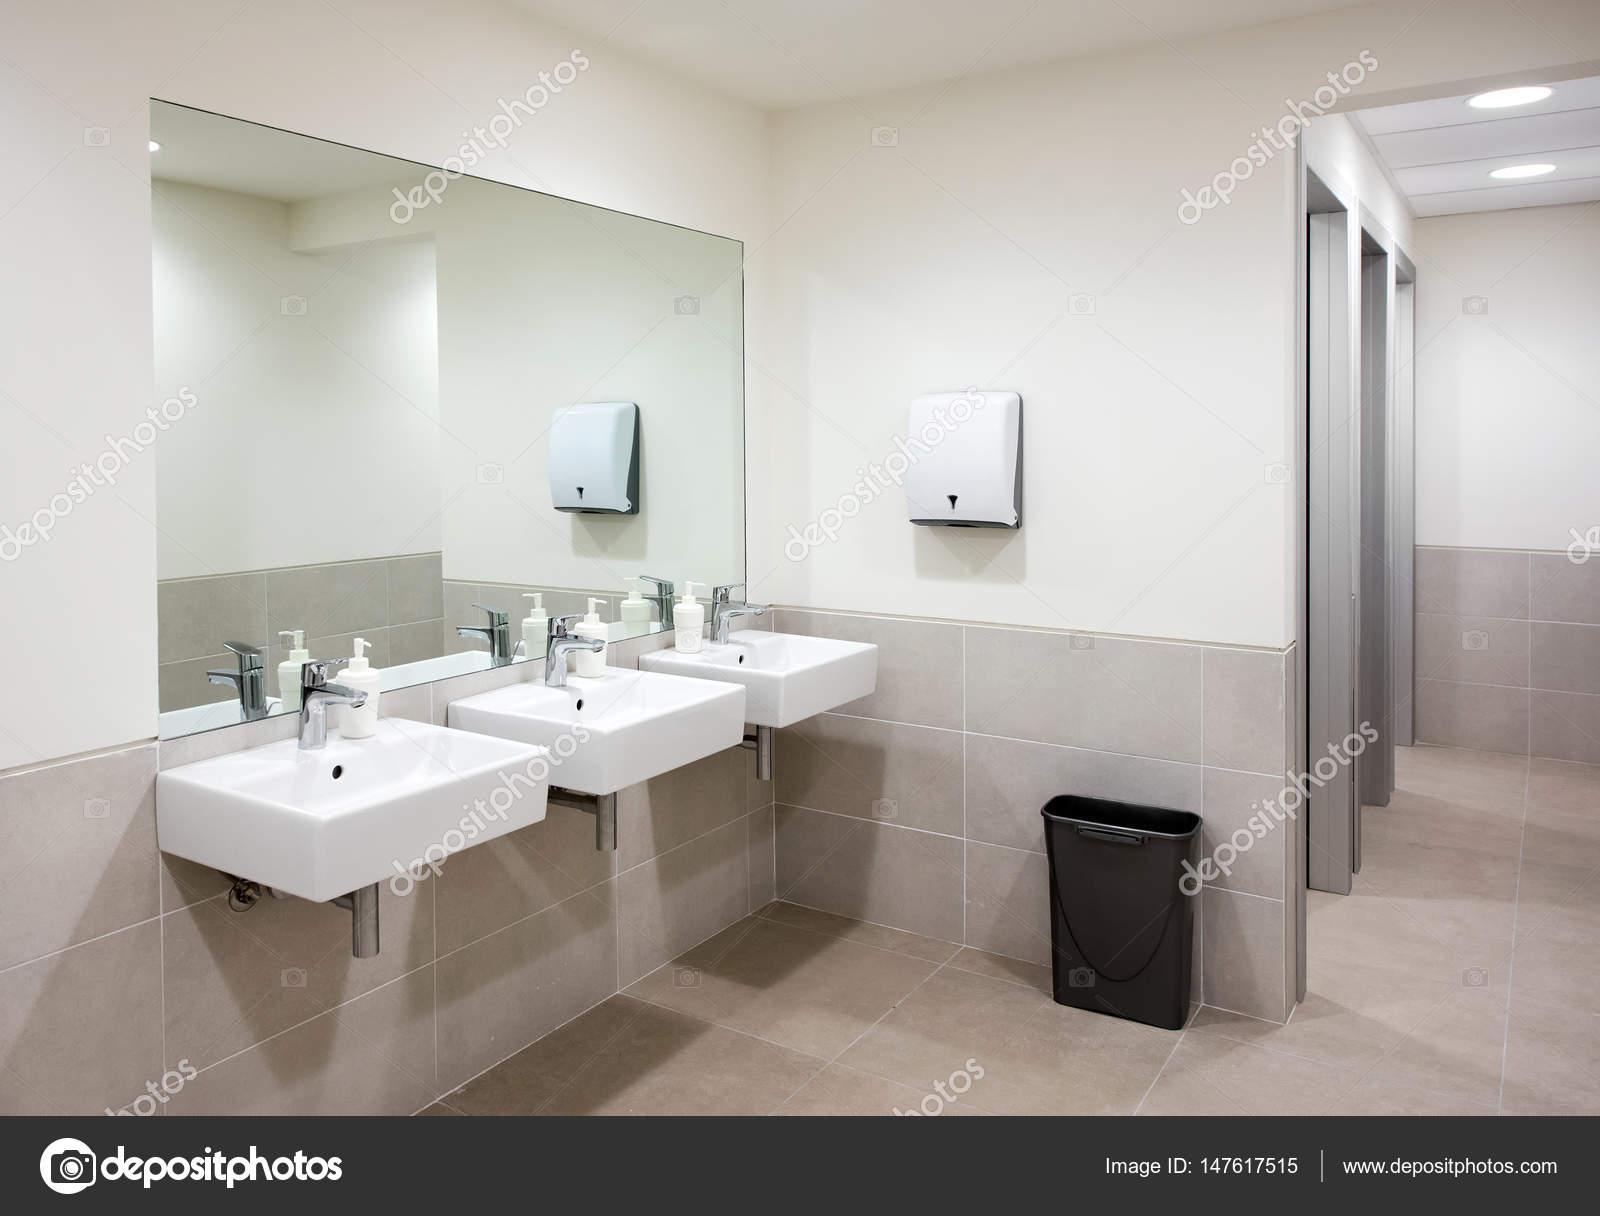 Meuble Salle De Bain Ebeniste ~ Salle De Bains Public Ou Toilettes Avec Lavabos Photographie